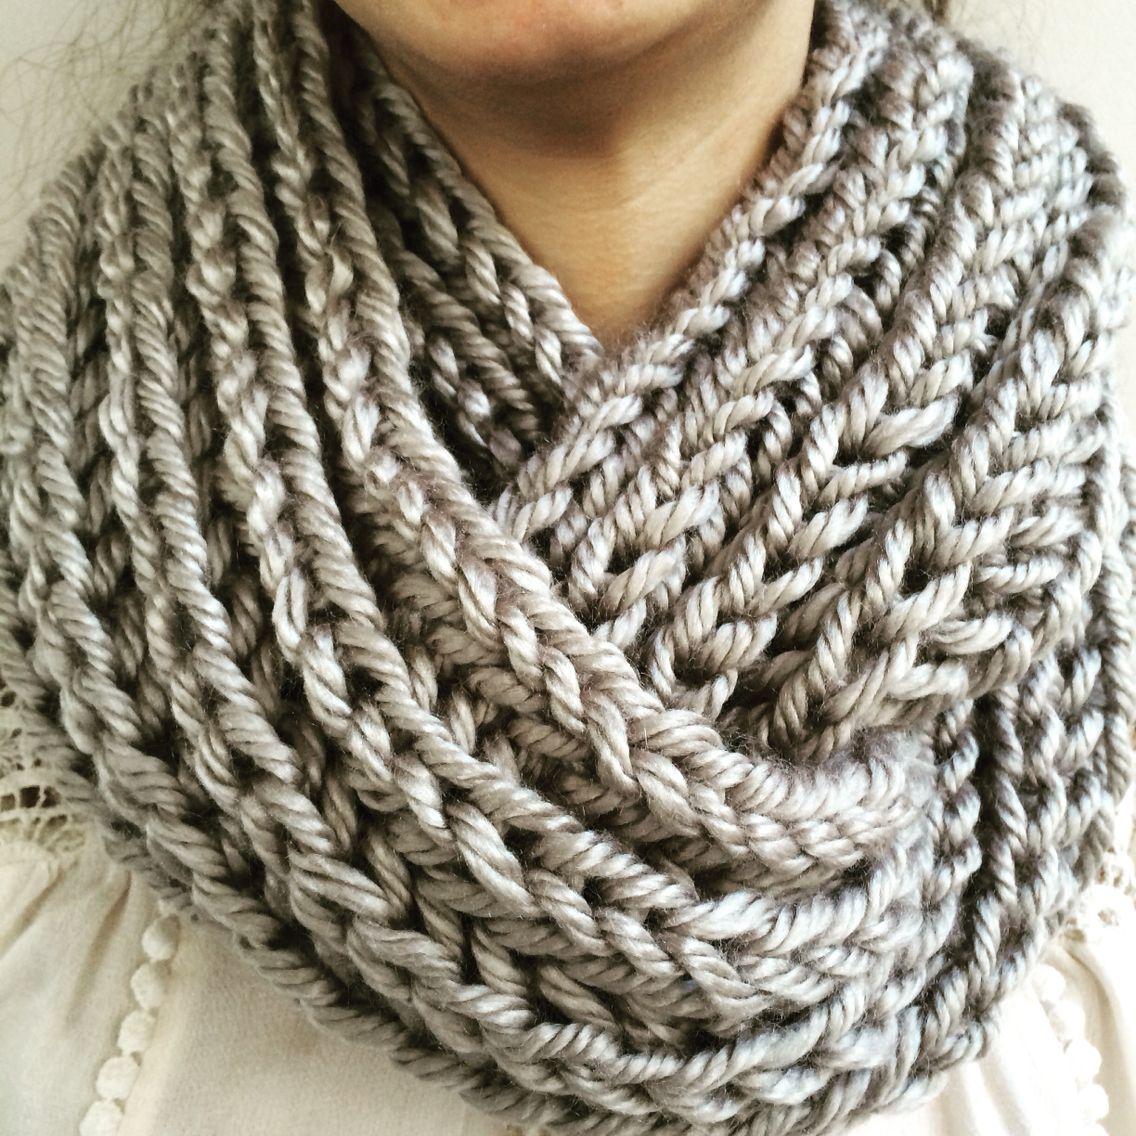 Muito Gola de lã Ponto inglês | Golas e Ponchos e Outros Tricôs  BT87